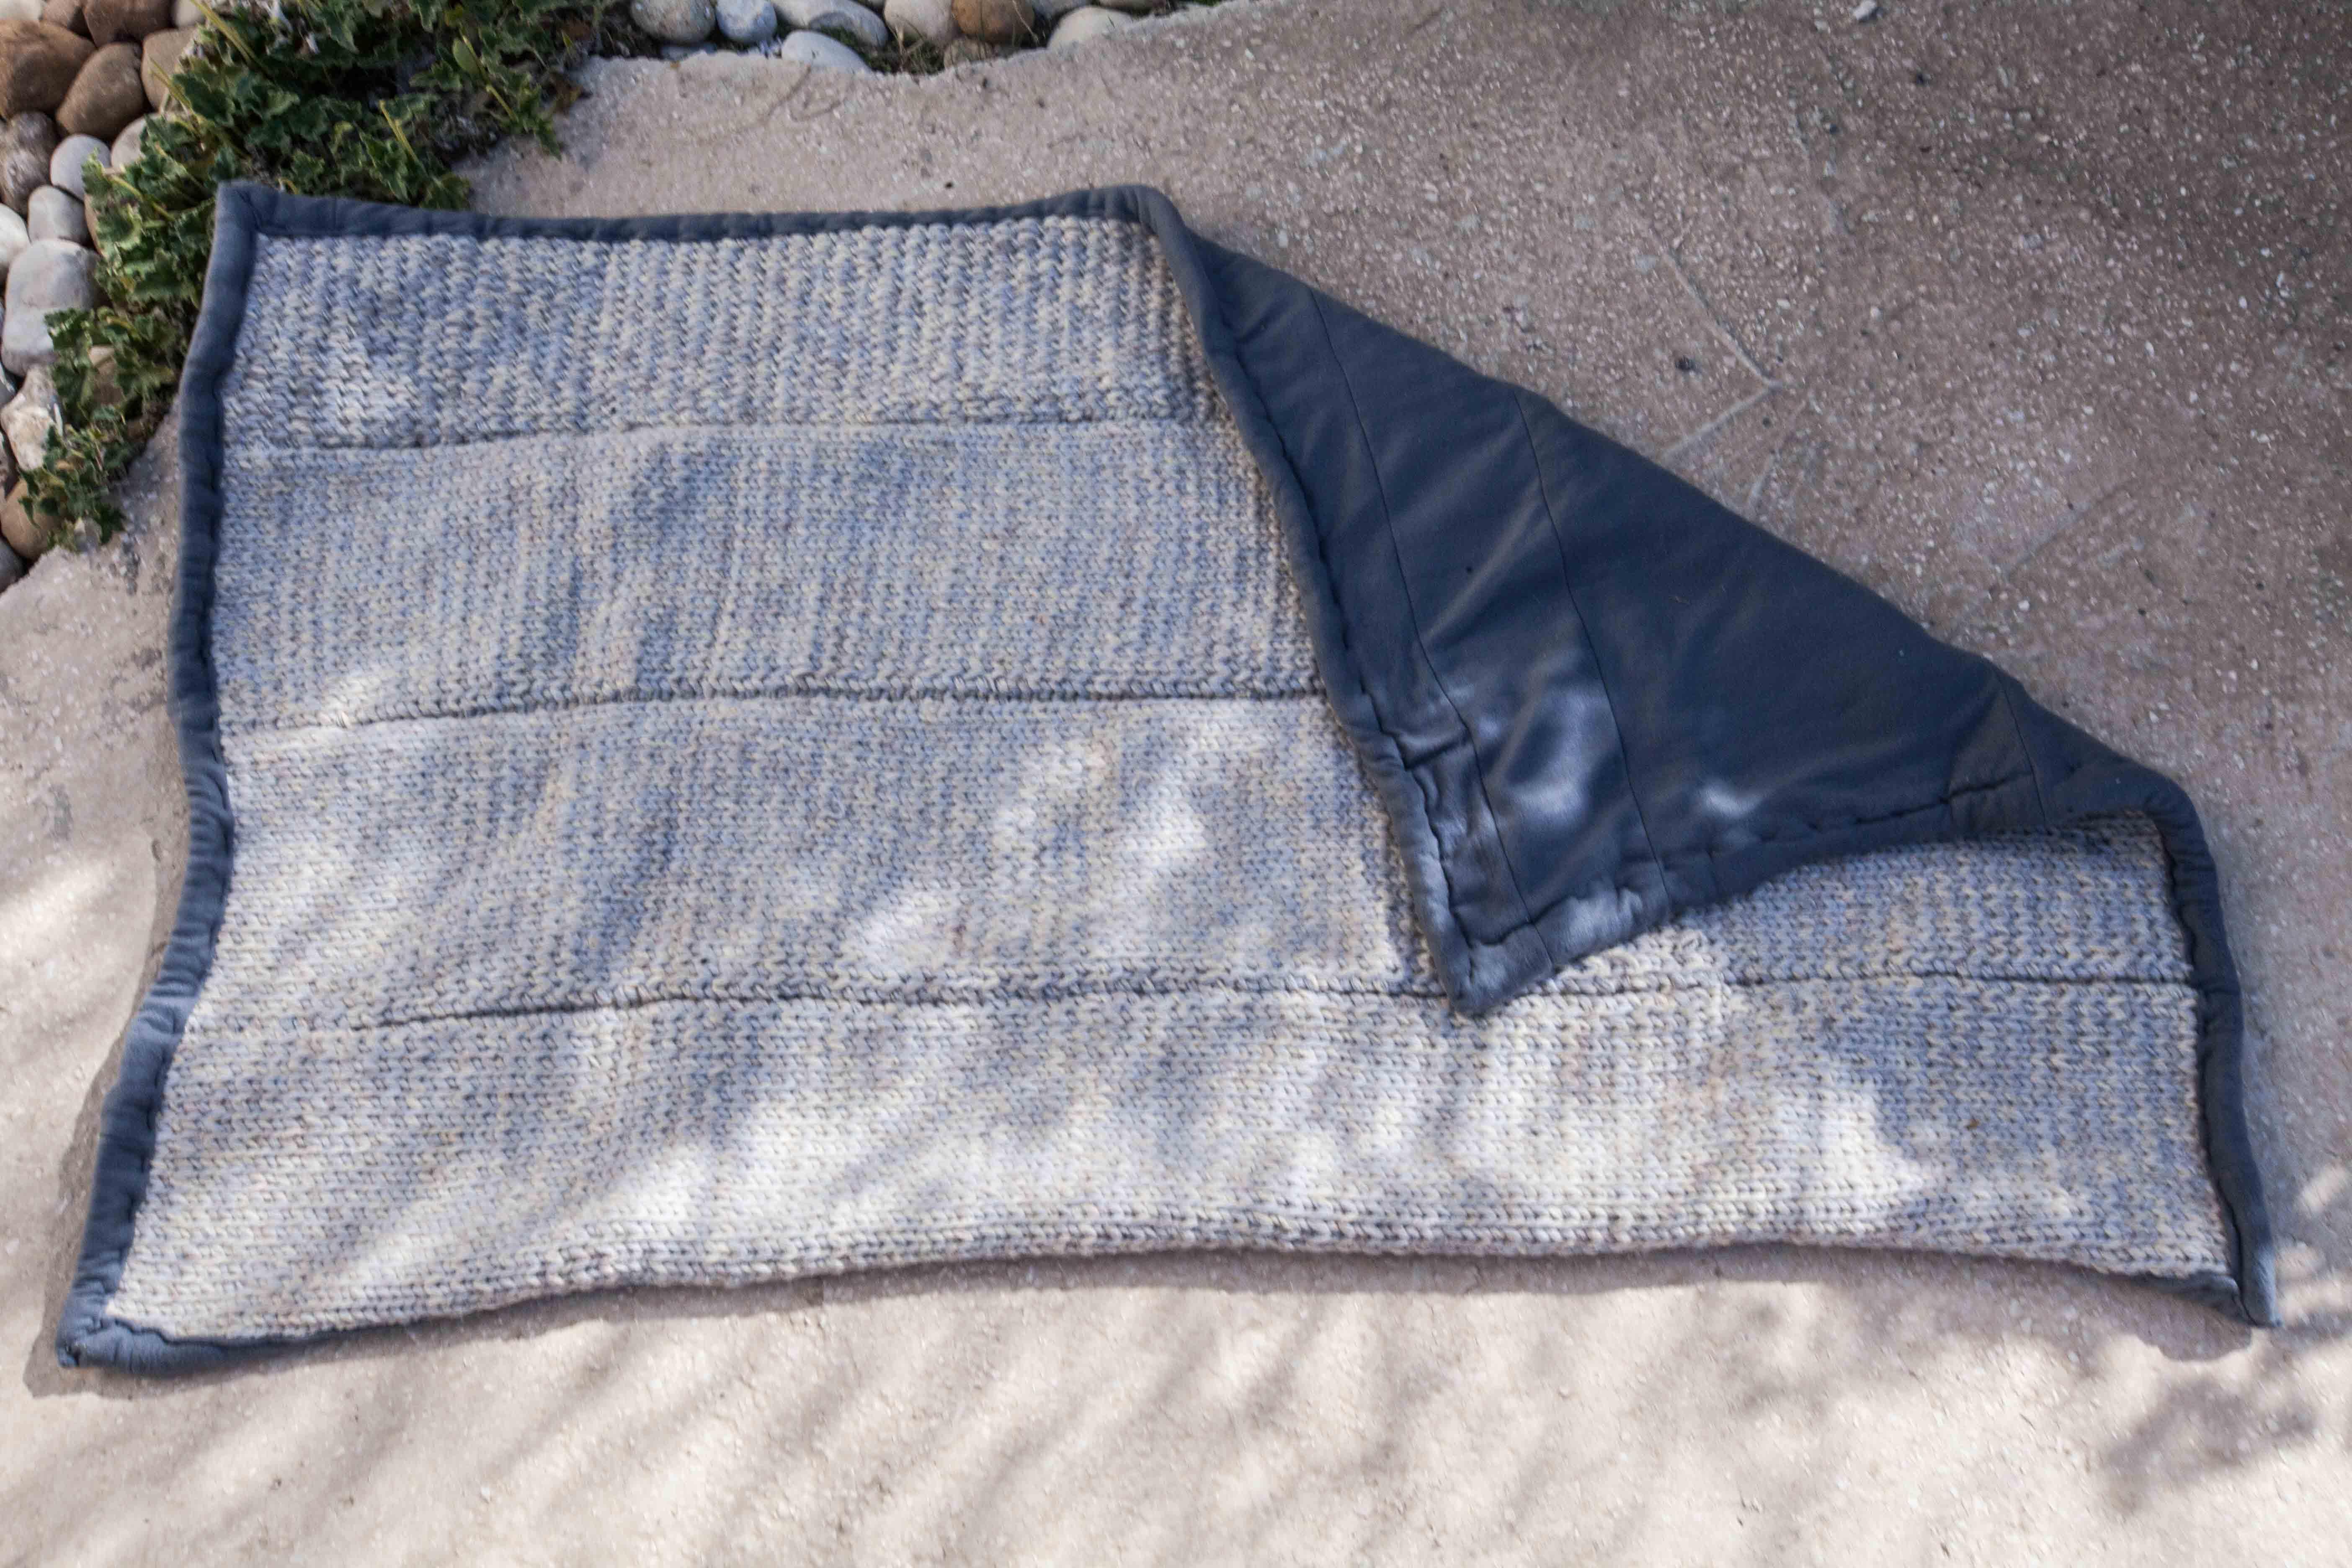 إعادة تدويرها الصوف بطانية - تصوير: حارث طبلت